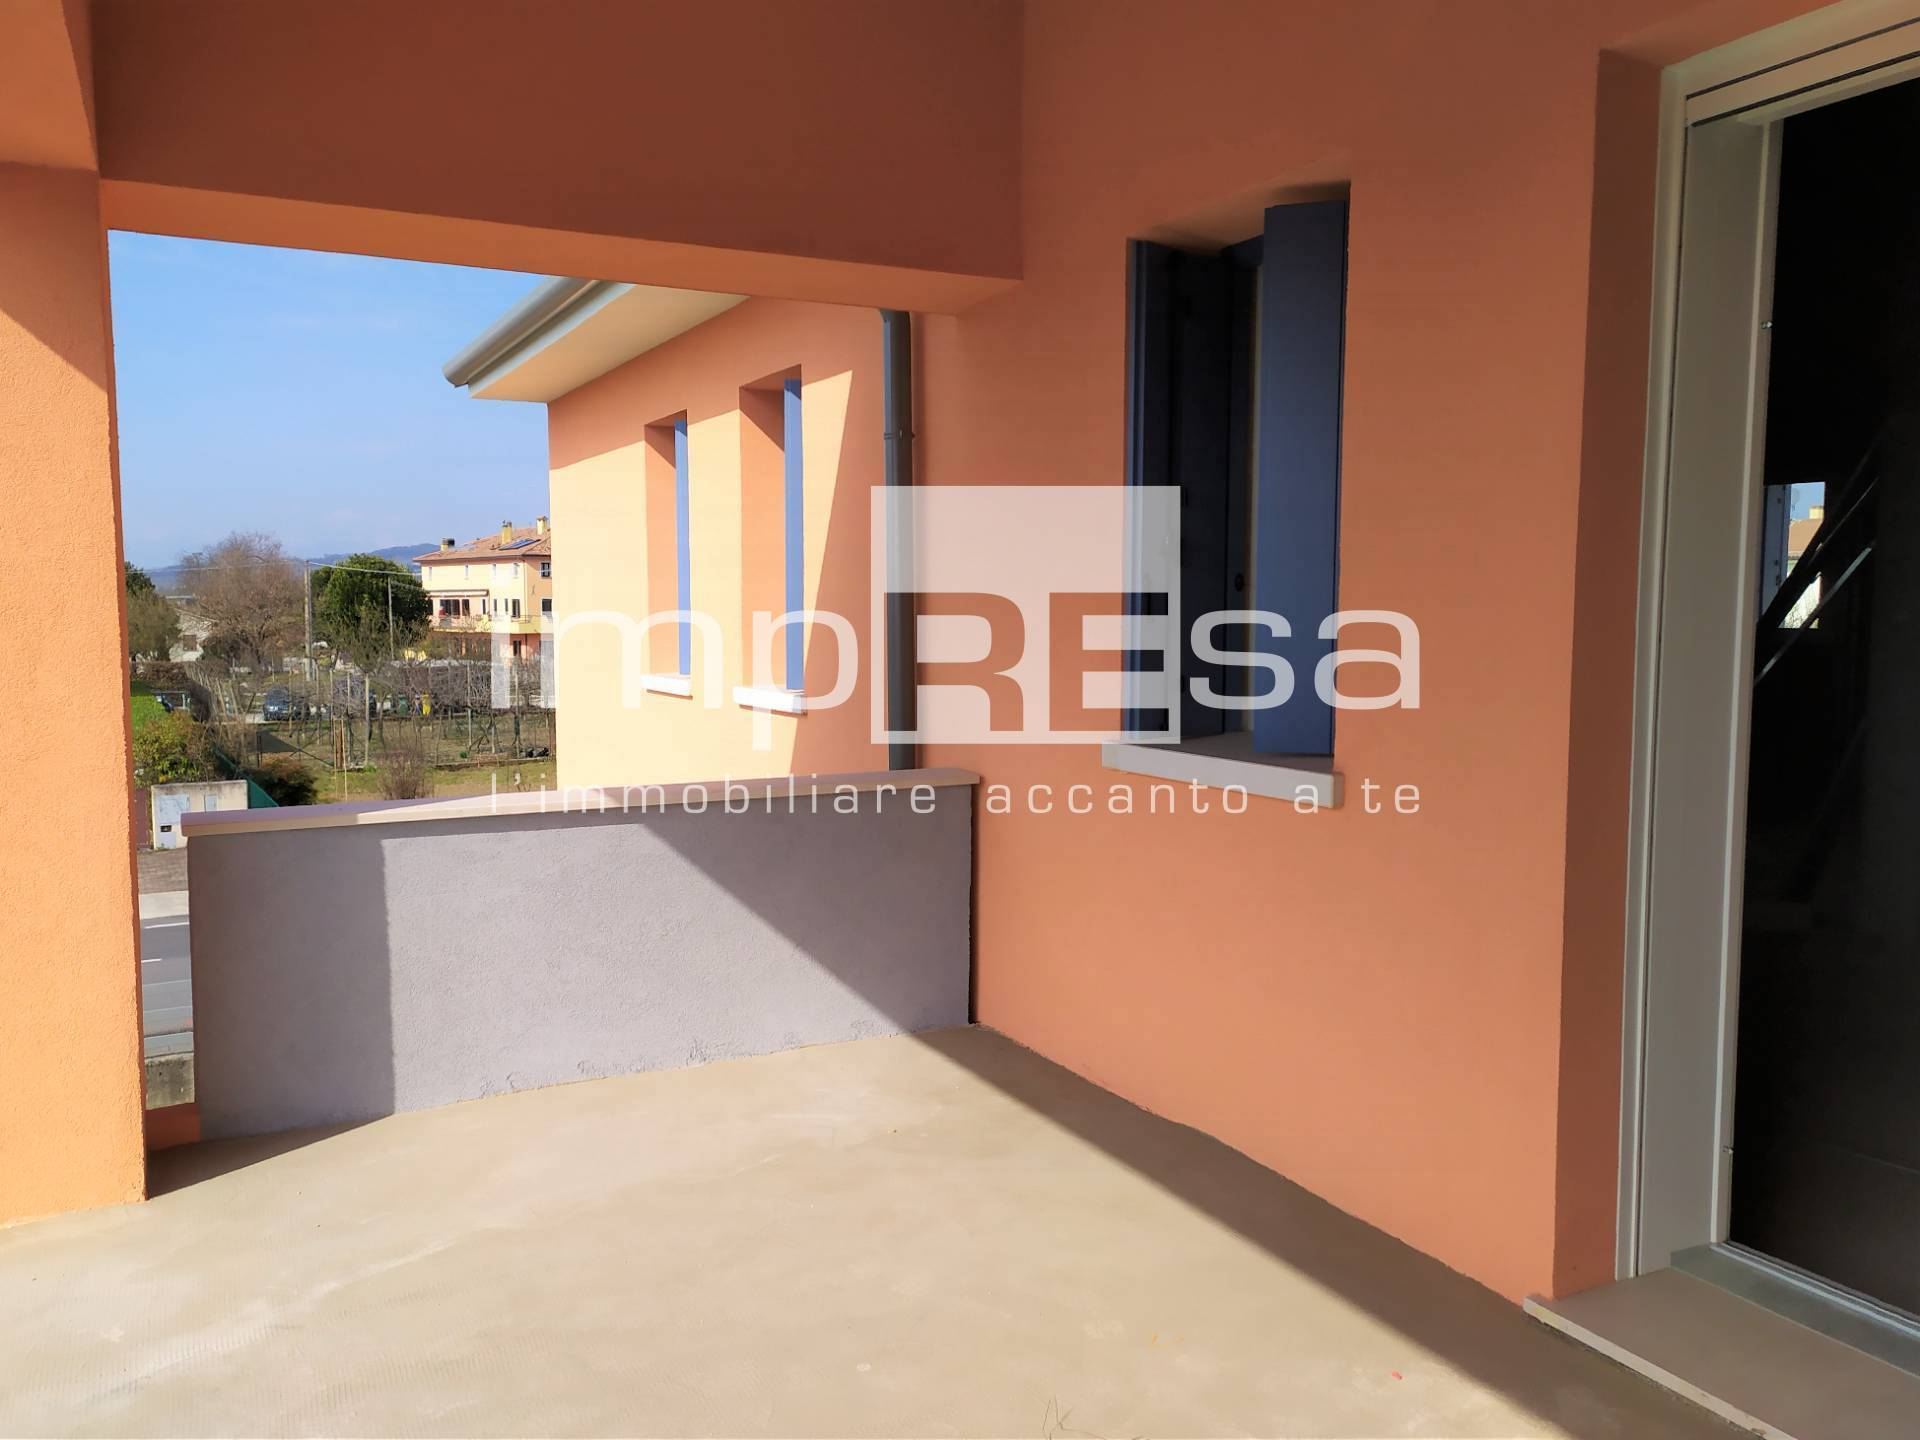 Appartamento in vendita a Santa Lucia di Piave, 6 locali, prezzo € 270.000 | PortaleAgenzieImmobiliari.it